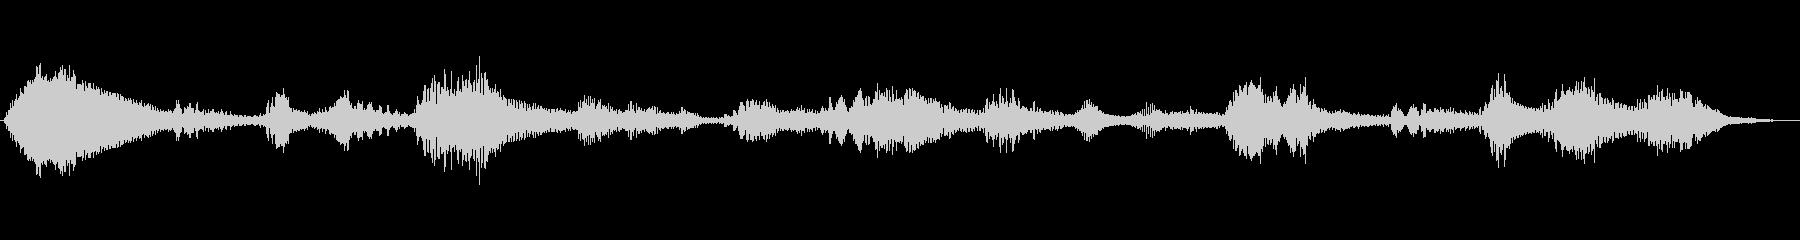 緊張 お辞儀金属01の未再生の波形